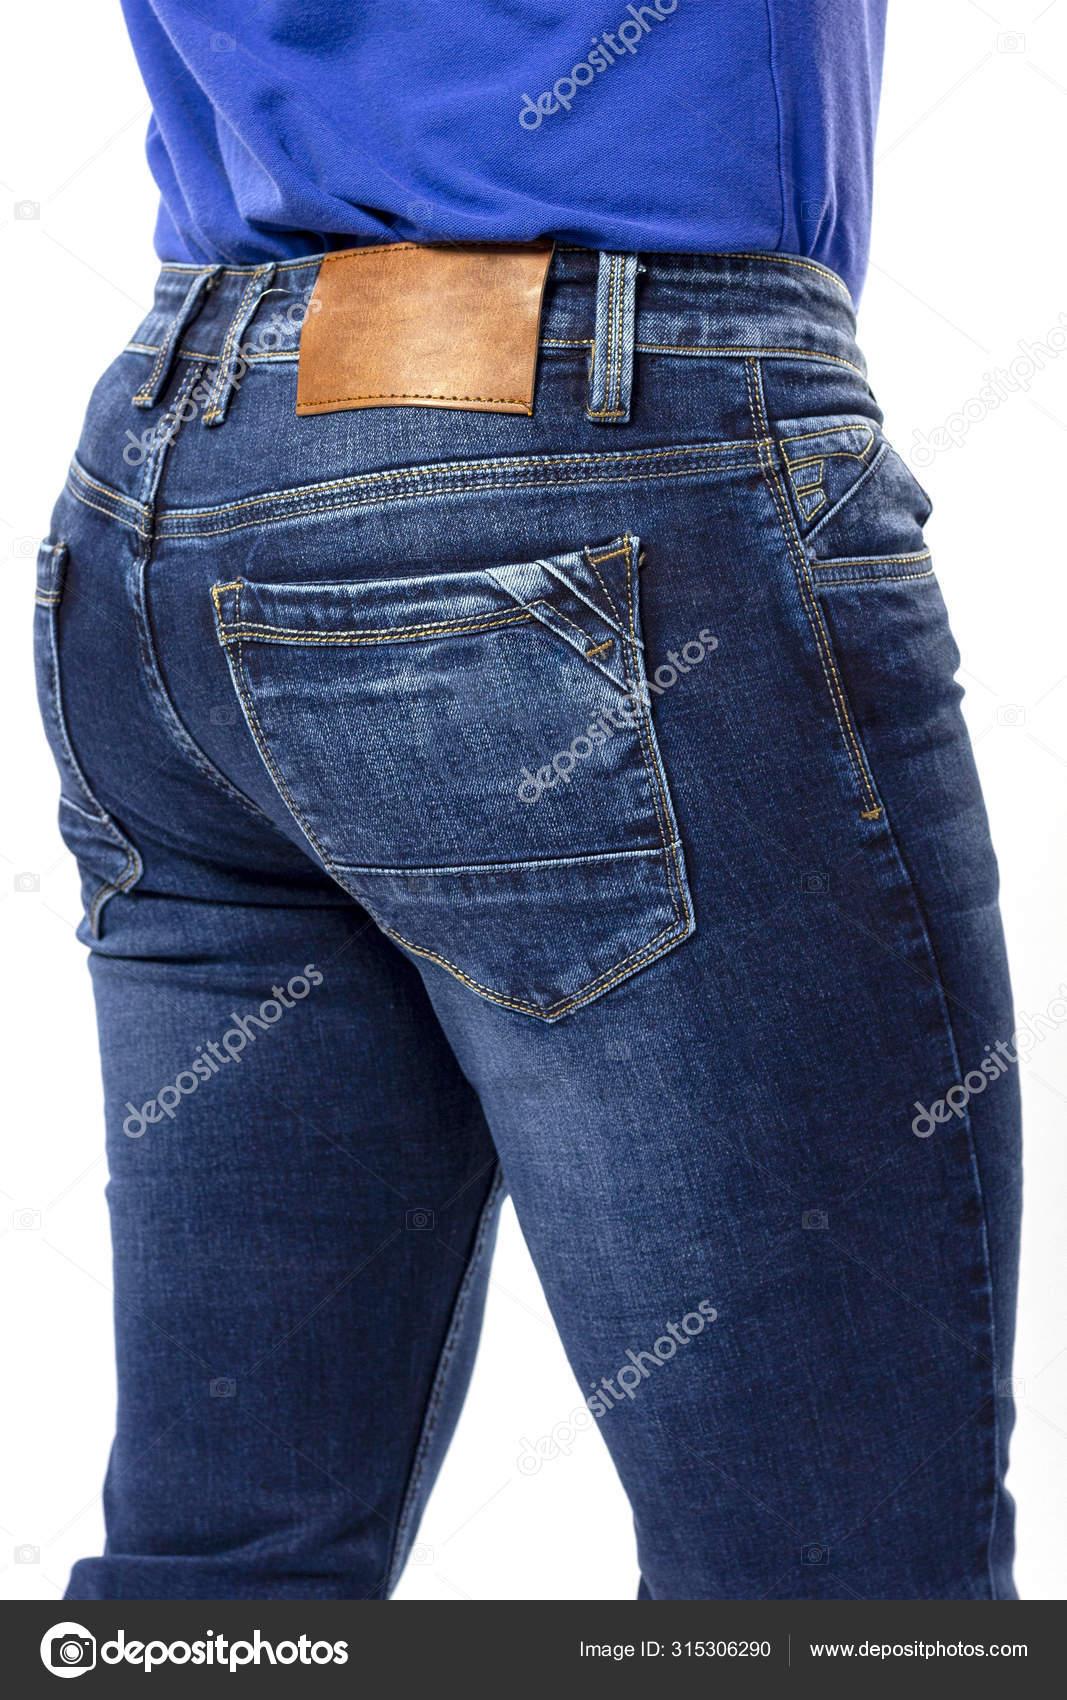 Man ass close ups